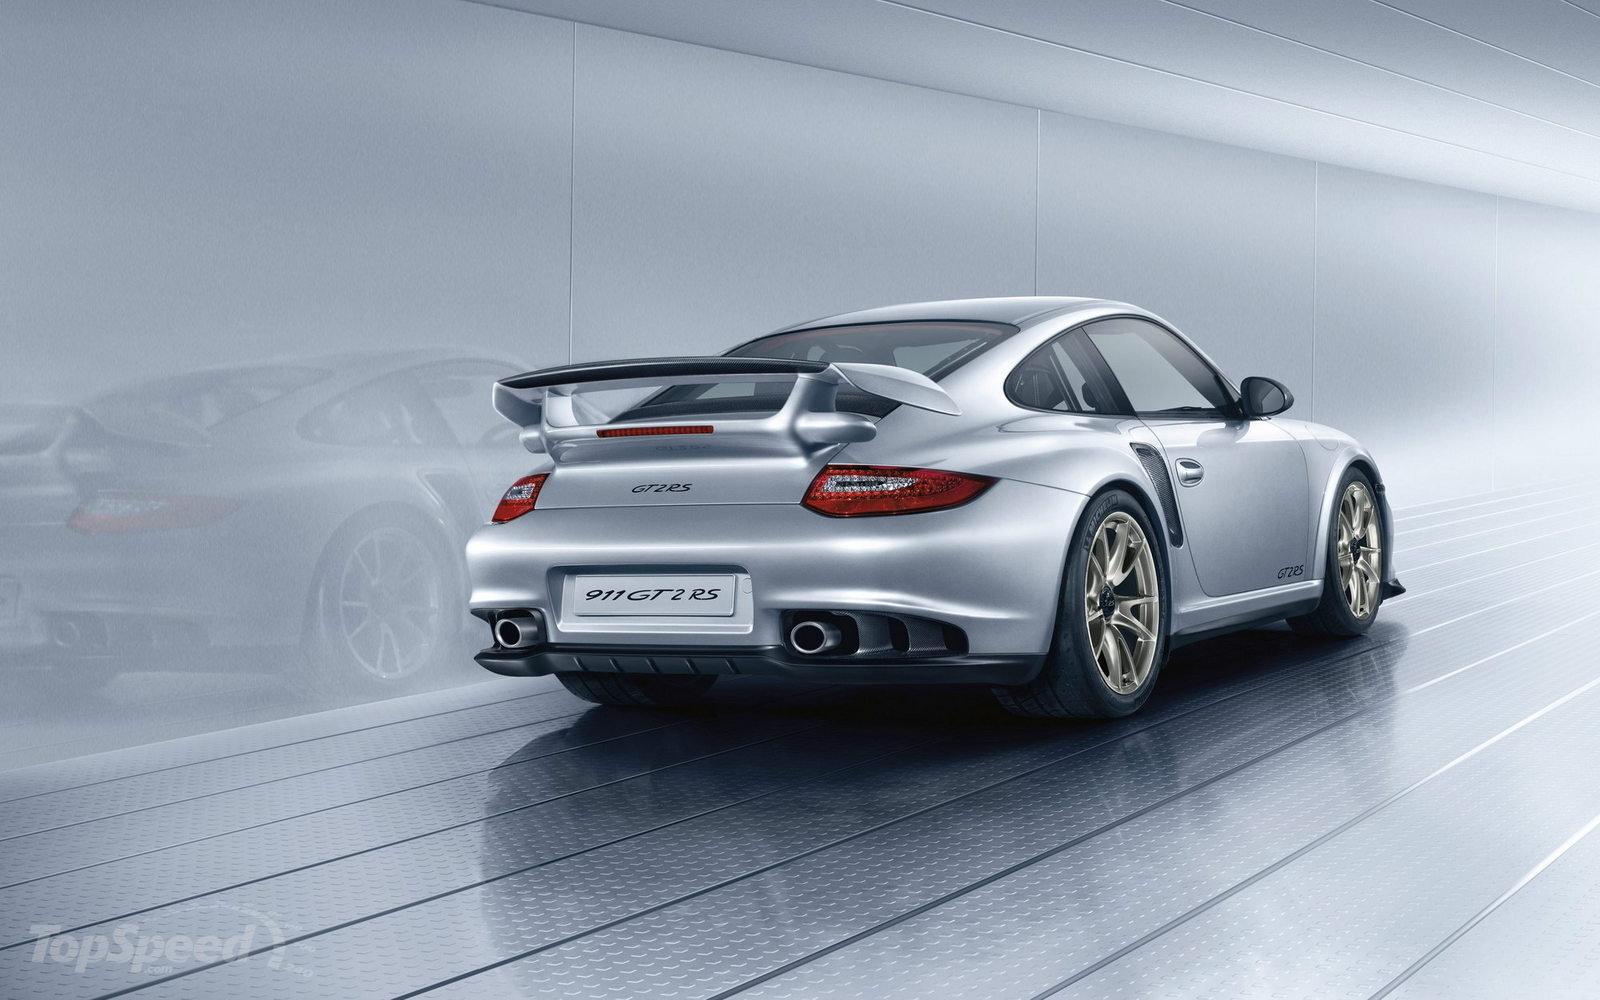 2011 Porsche 911 GT2 RS wallpapers 1600x1000